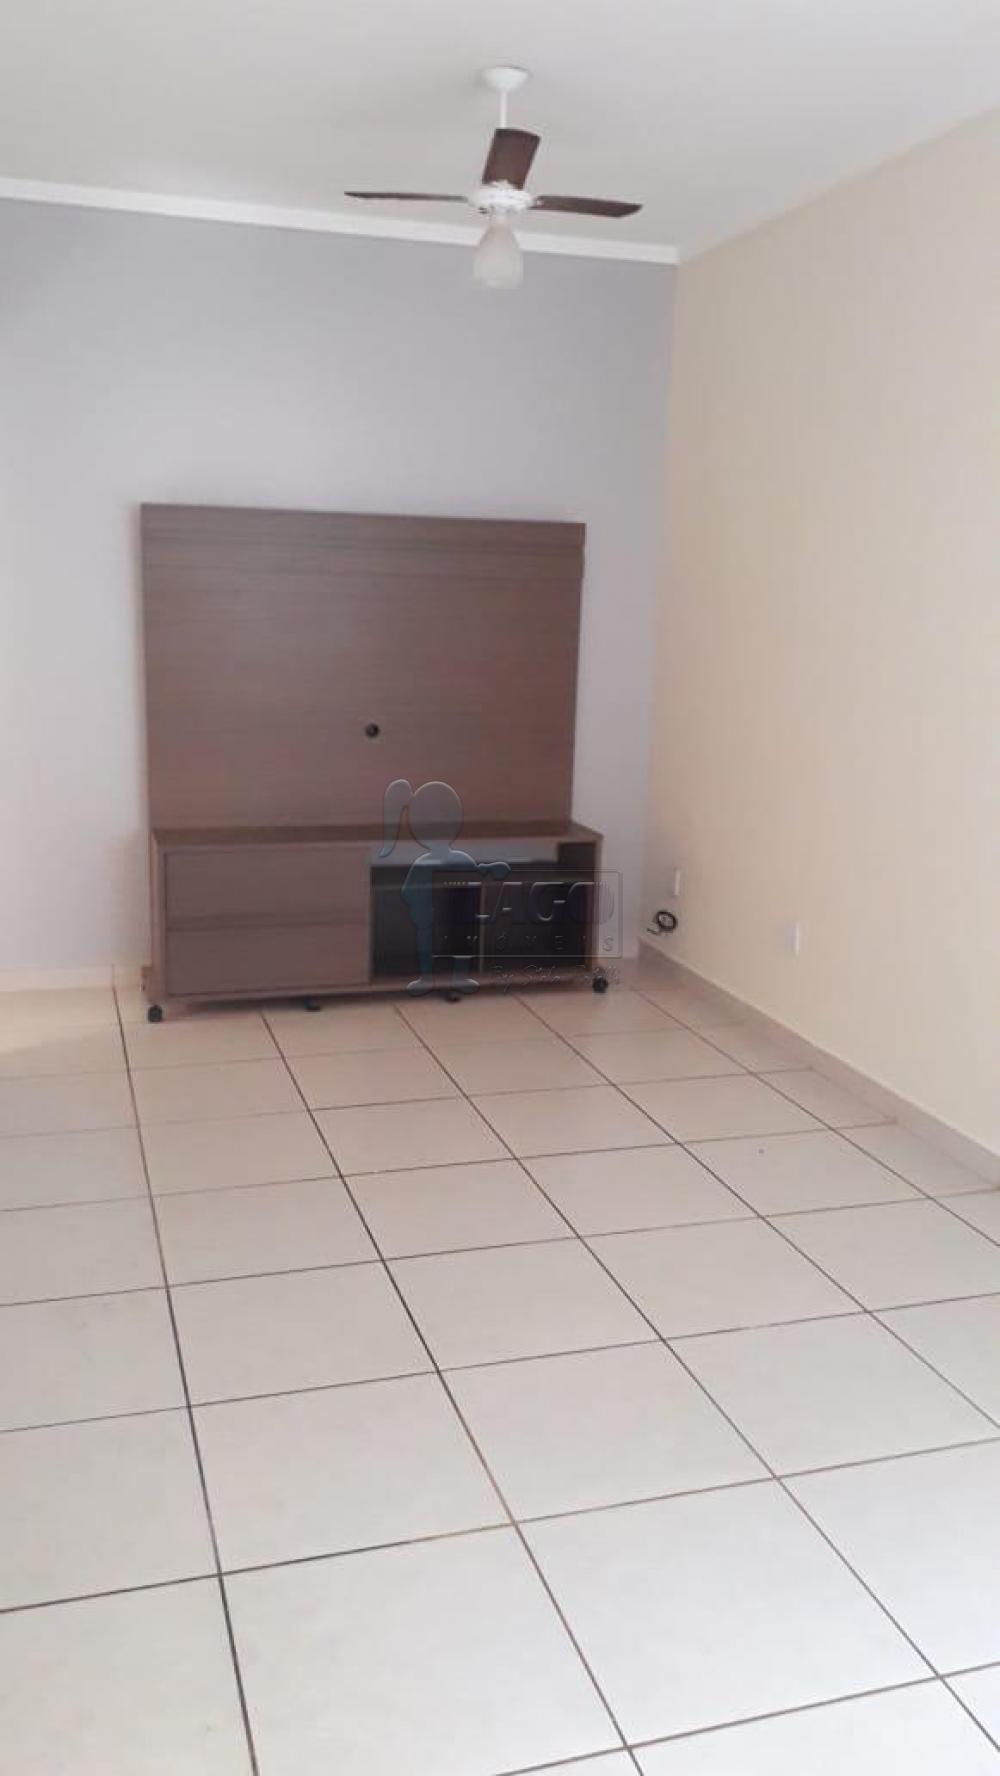 Comprar Casas / Padrão em Ribeirão Preto apenas R$ 180.000,00 - Foto 10